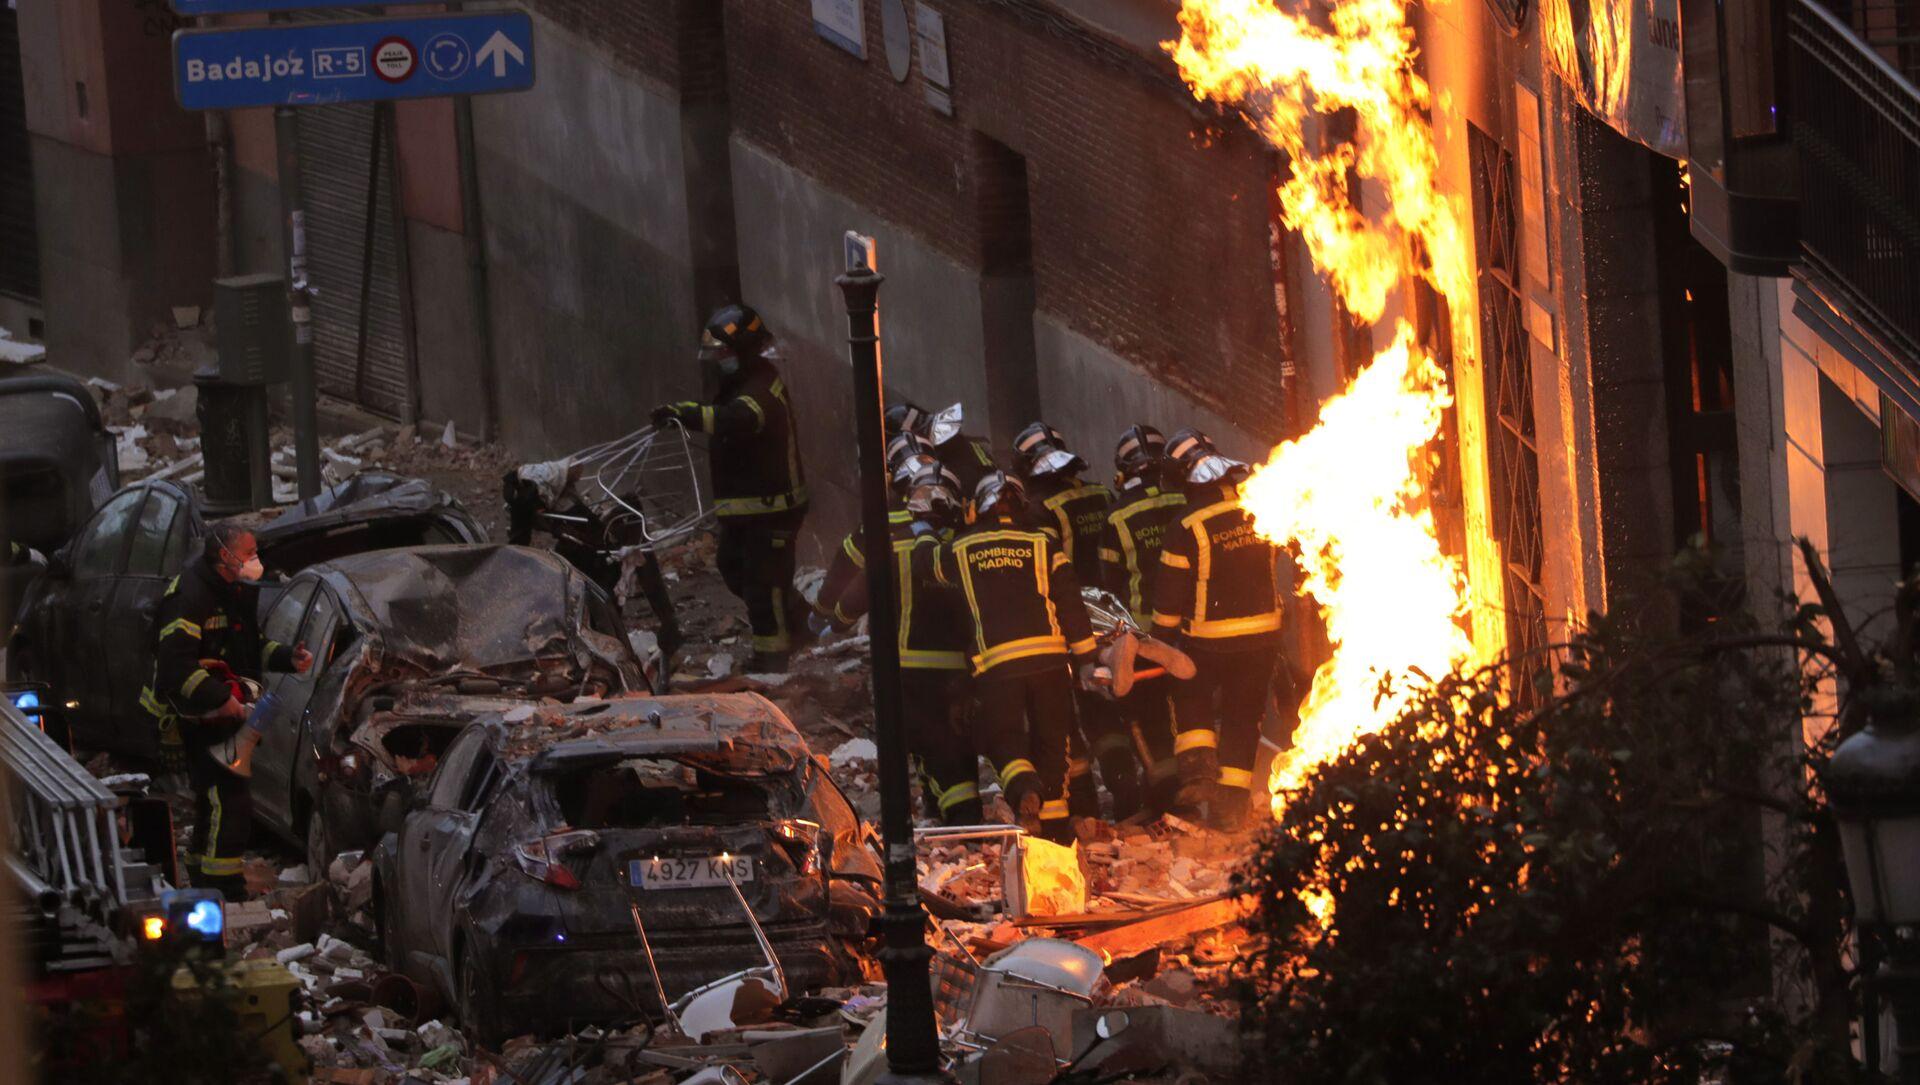 Lính cứu hỏa tại hiện trường ở trung tâm Madrid, nơi xảy ra vụ nổ trong ngôi nhà - Sputnik Việt Nam, 1920, 07.05.2021